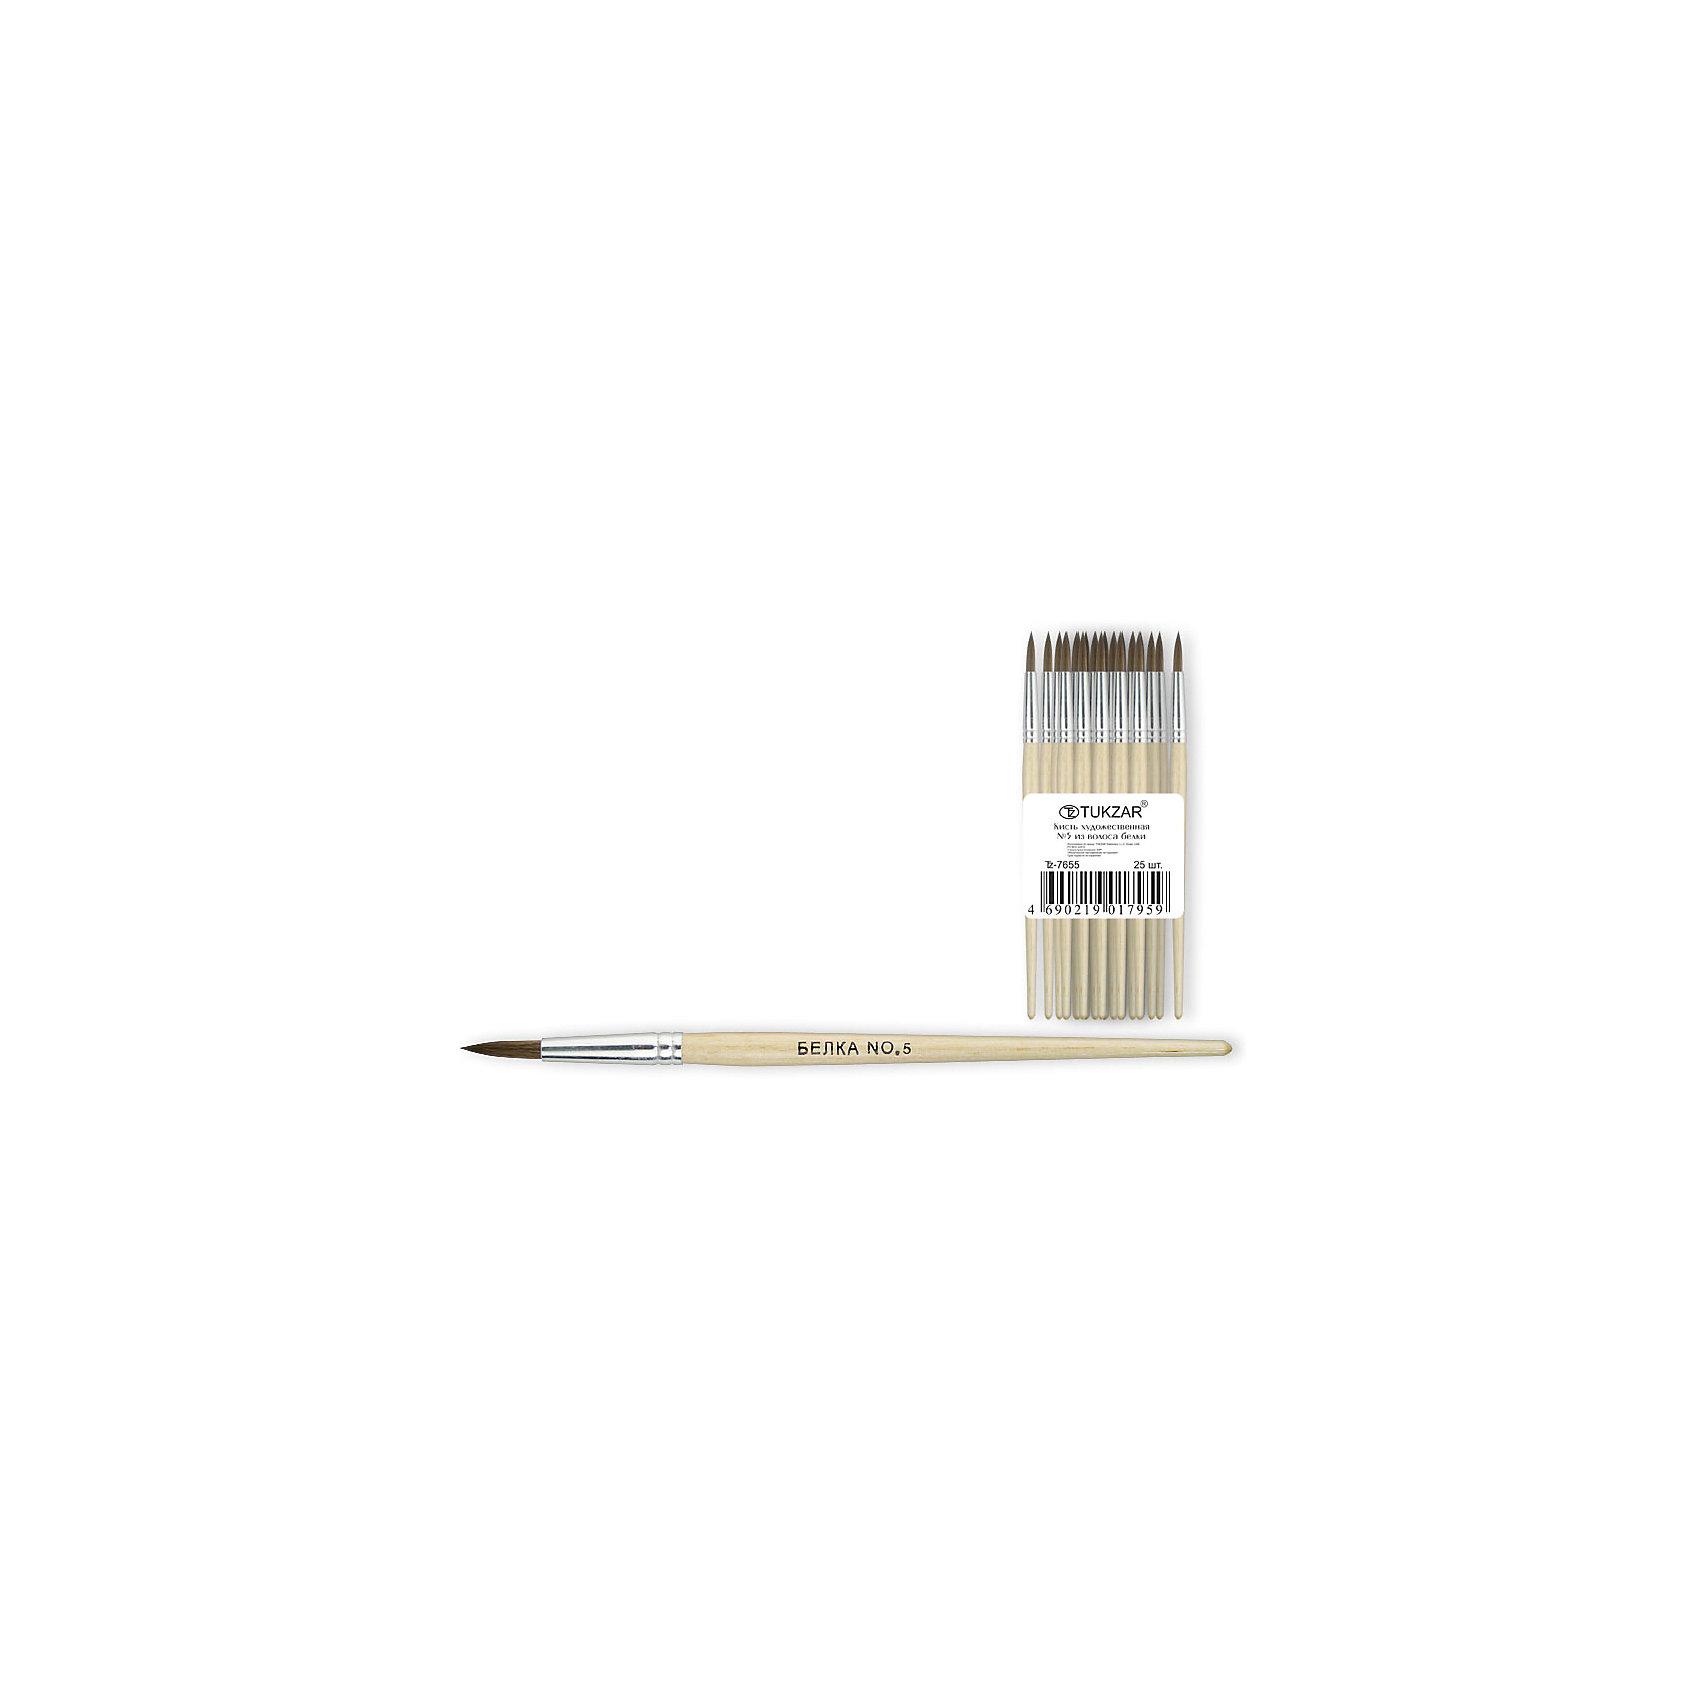 TUKZAR Кисть №5 (белка) кисть художественная белка круглая 9 981126